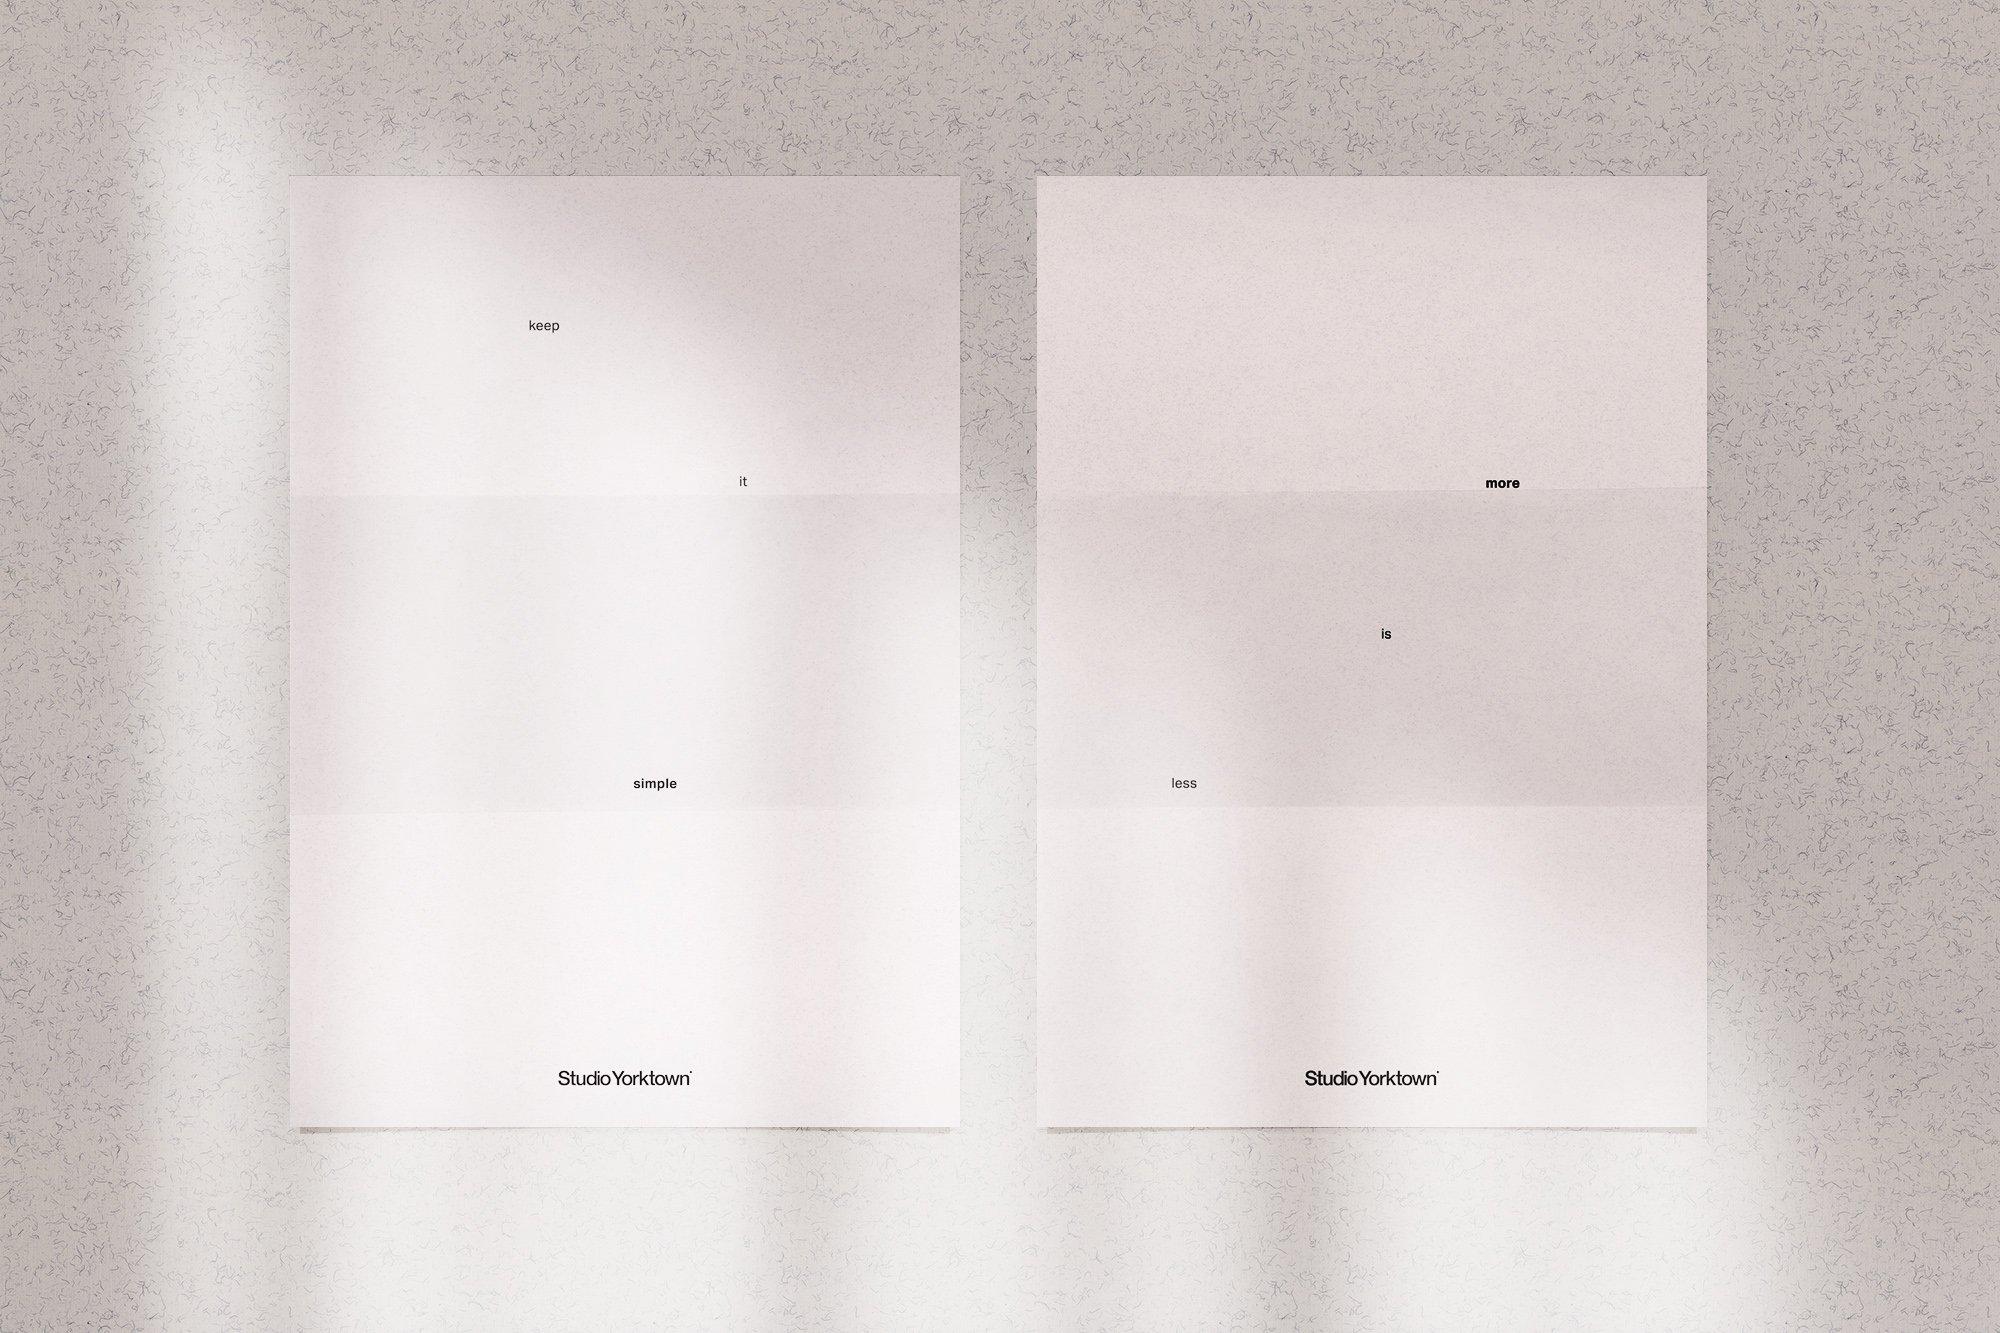 [淘宝购买] 潮流多功能压印铝箔虹彩效果办公用品场景样机套件 Meiji Multi Effect Mockup Template插图(8)